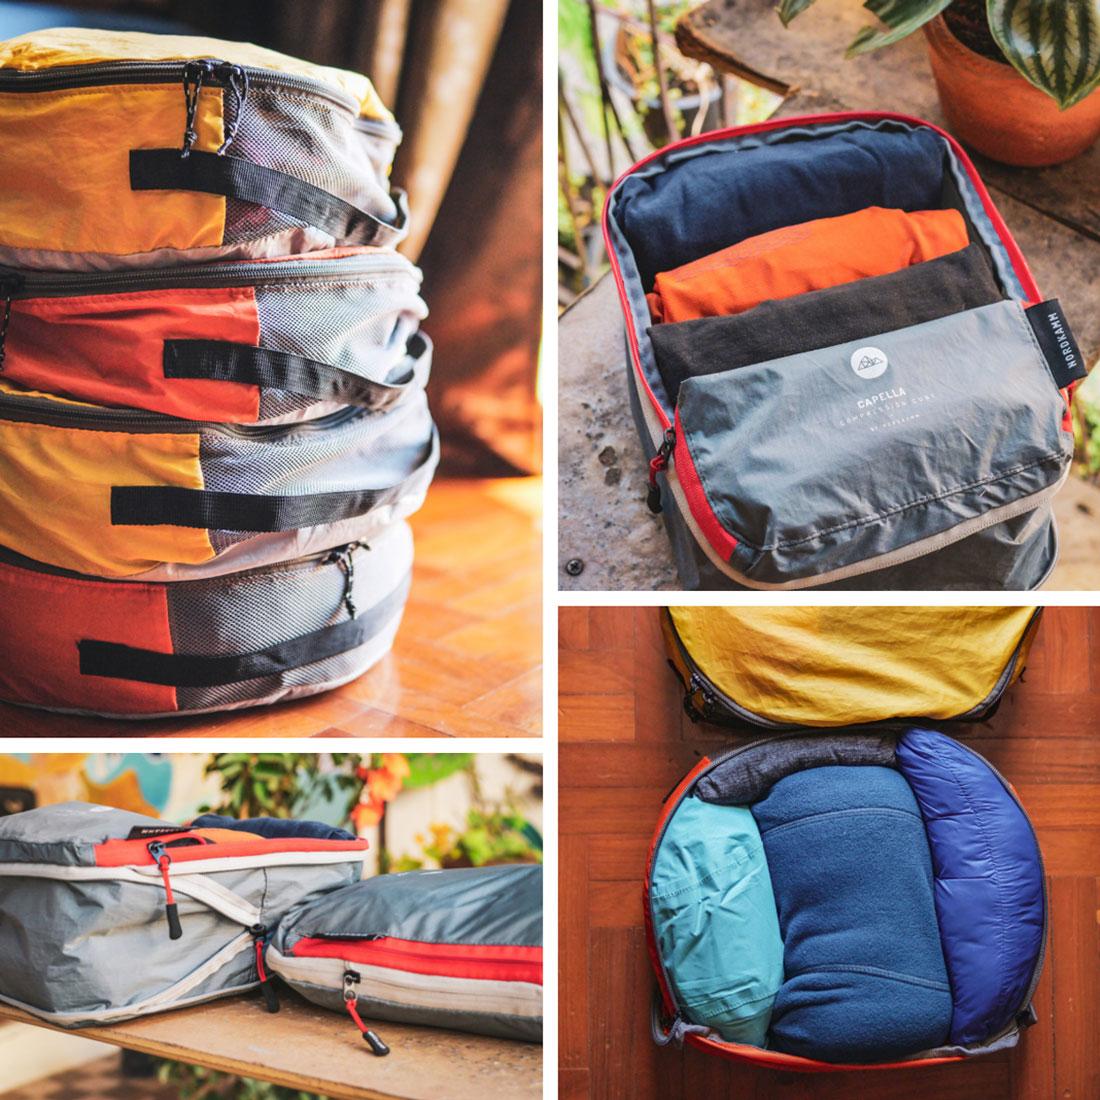 compartiment compression textile nordkamm / quechua tour du monde